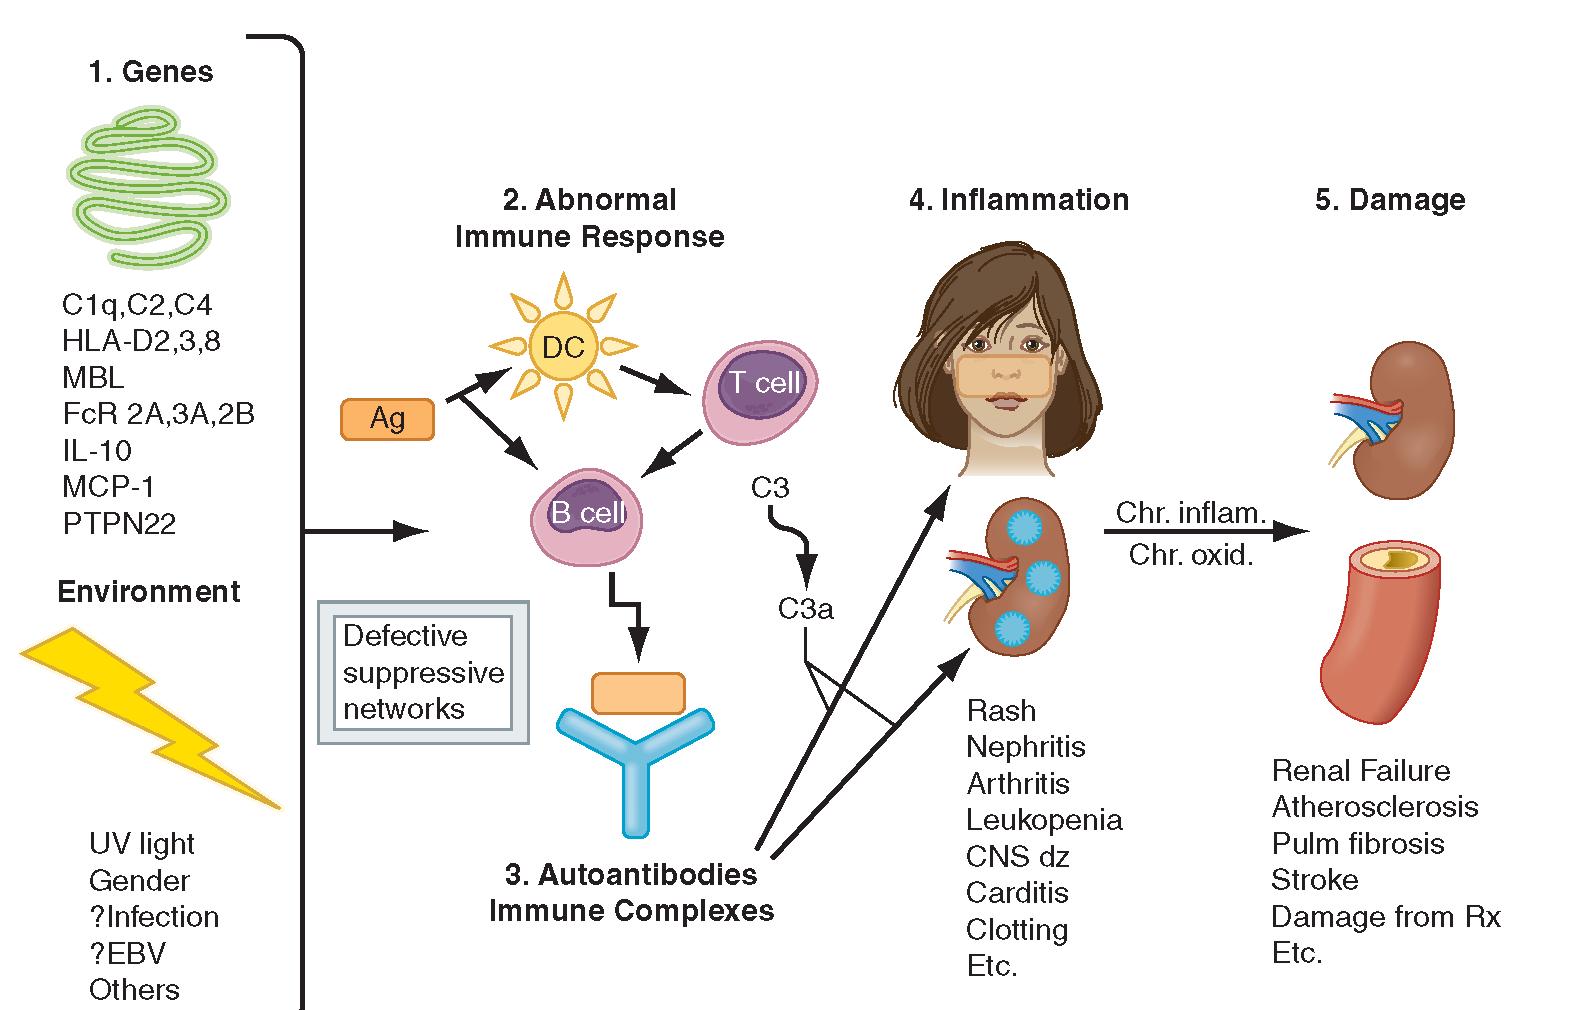 New Autoimmune Crisis Drug for Lupus reaches Human Trials